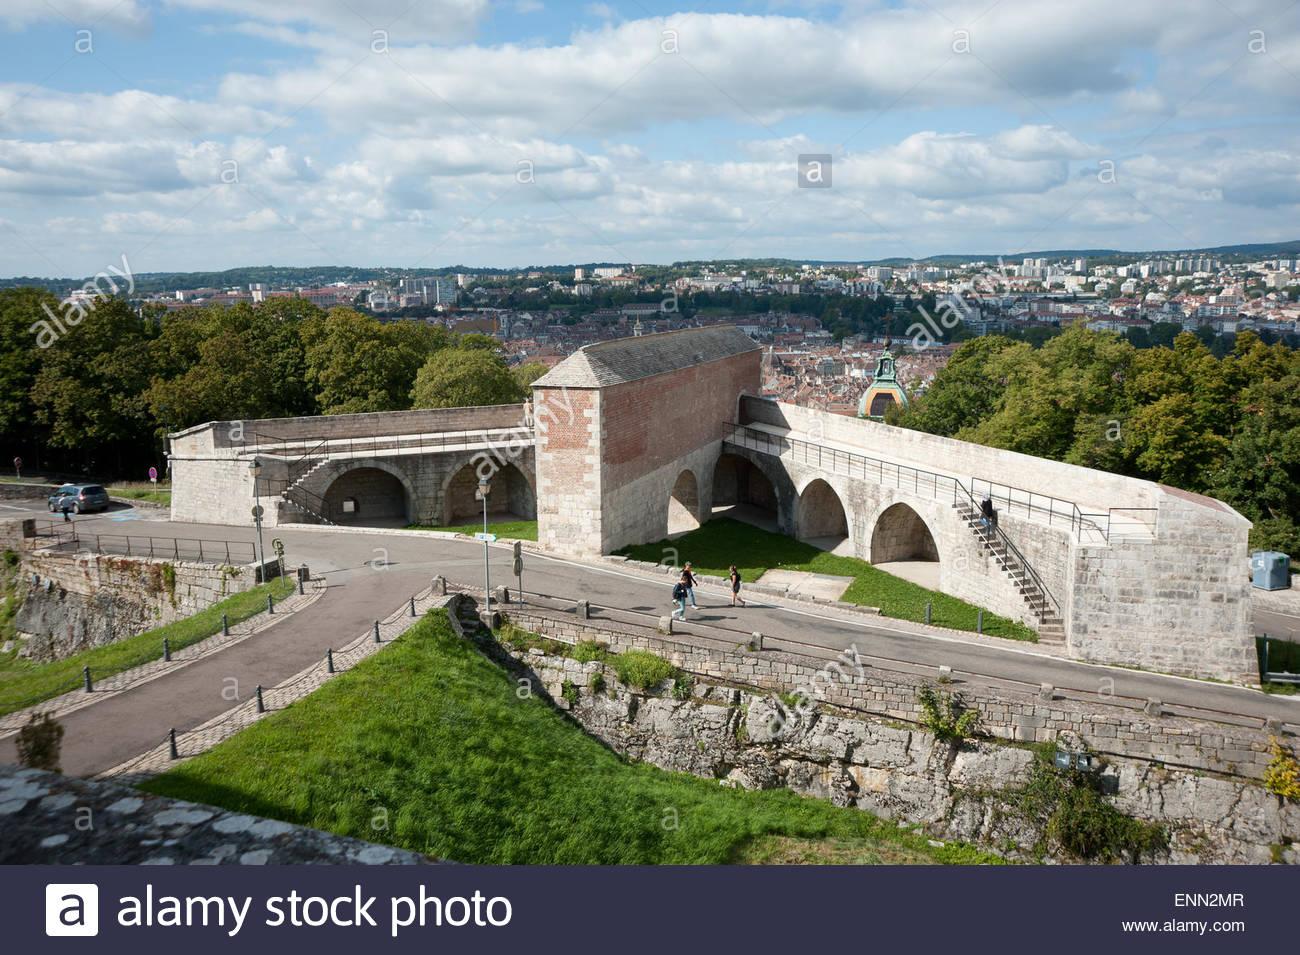 Besancon, Zitadelle, Blick auf die Stadt - Stock Image